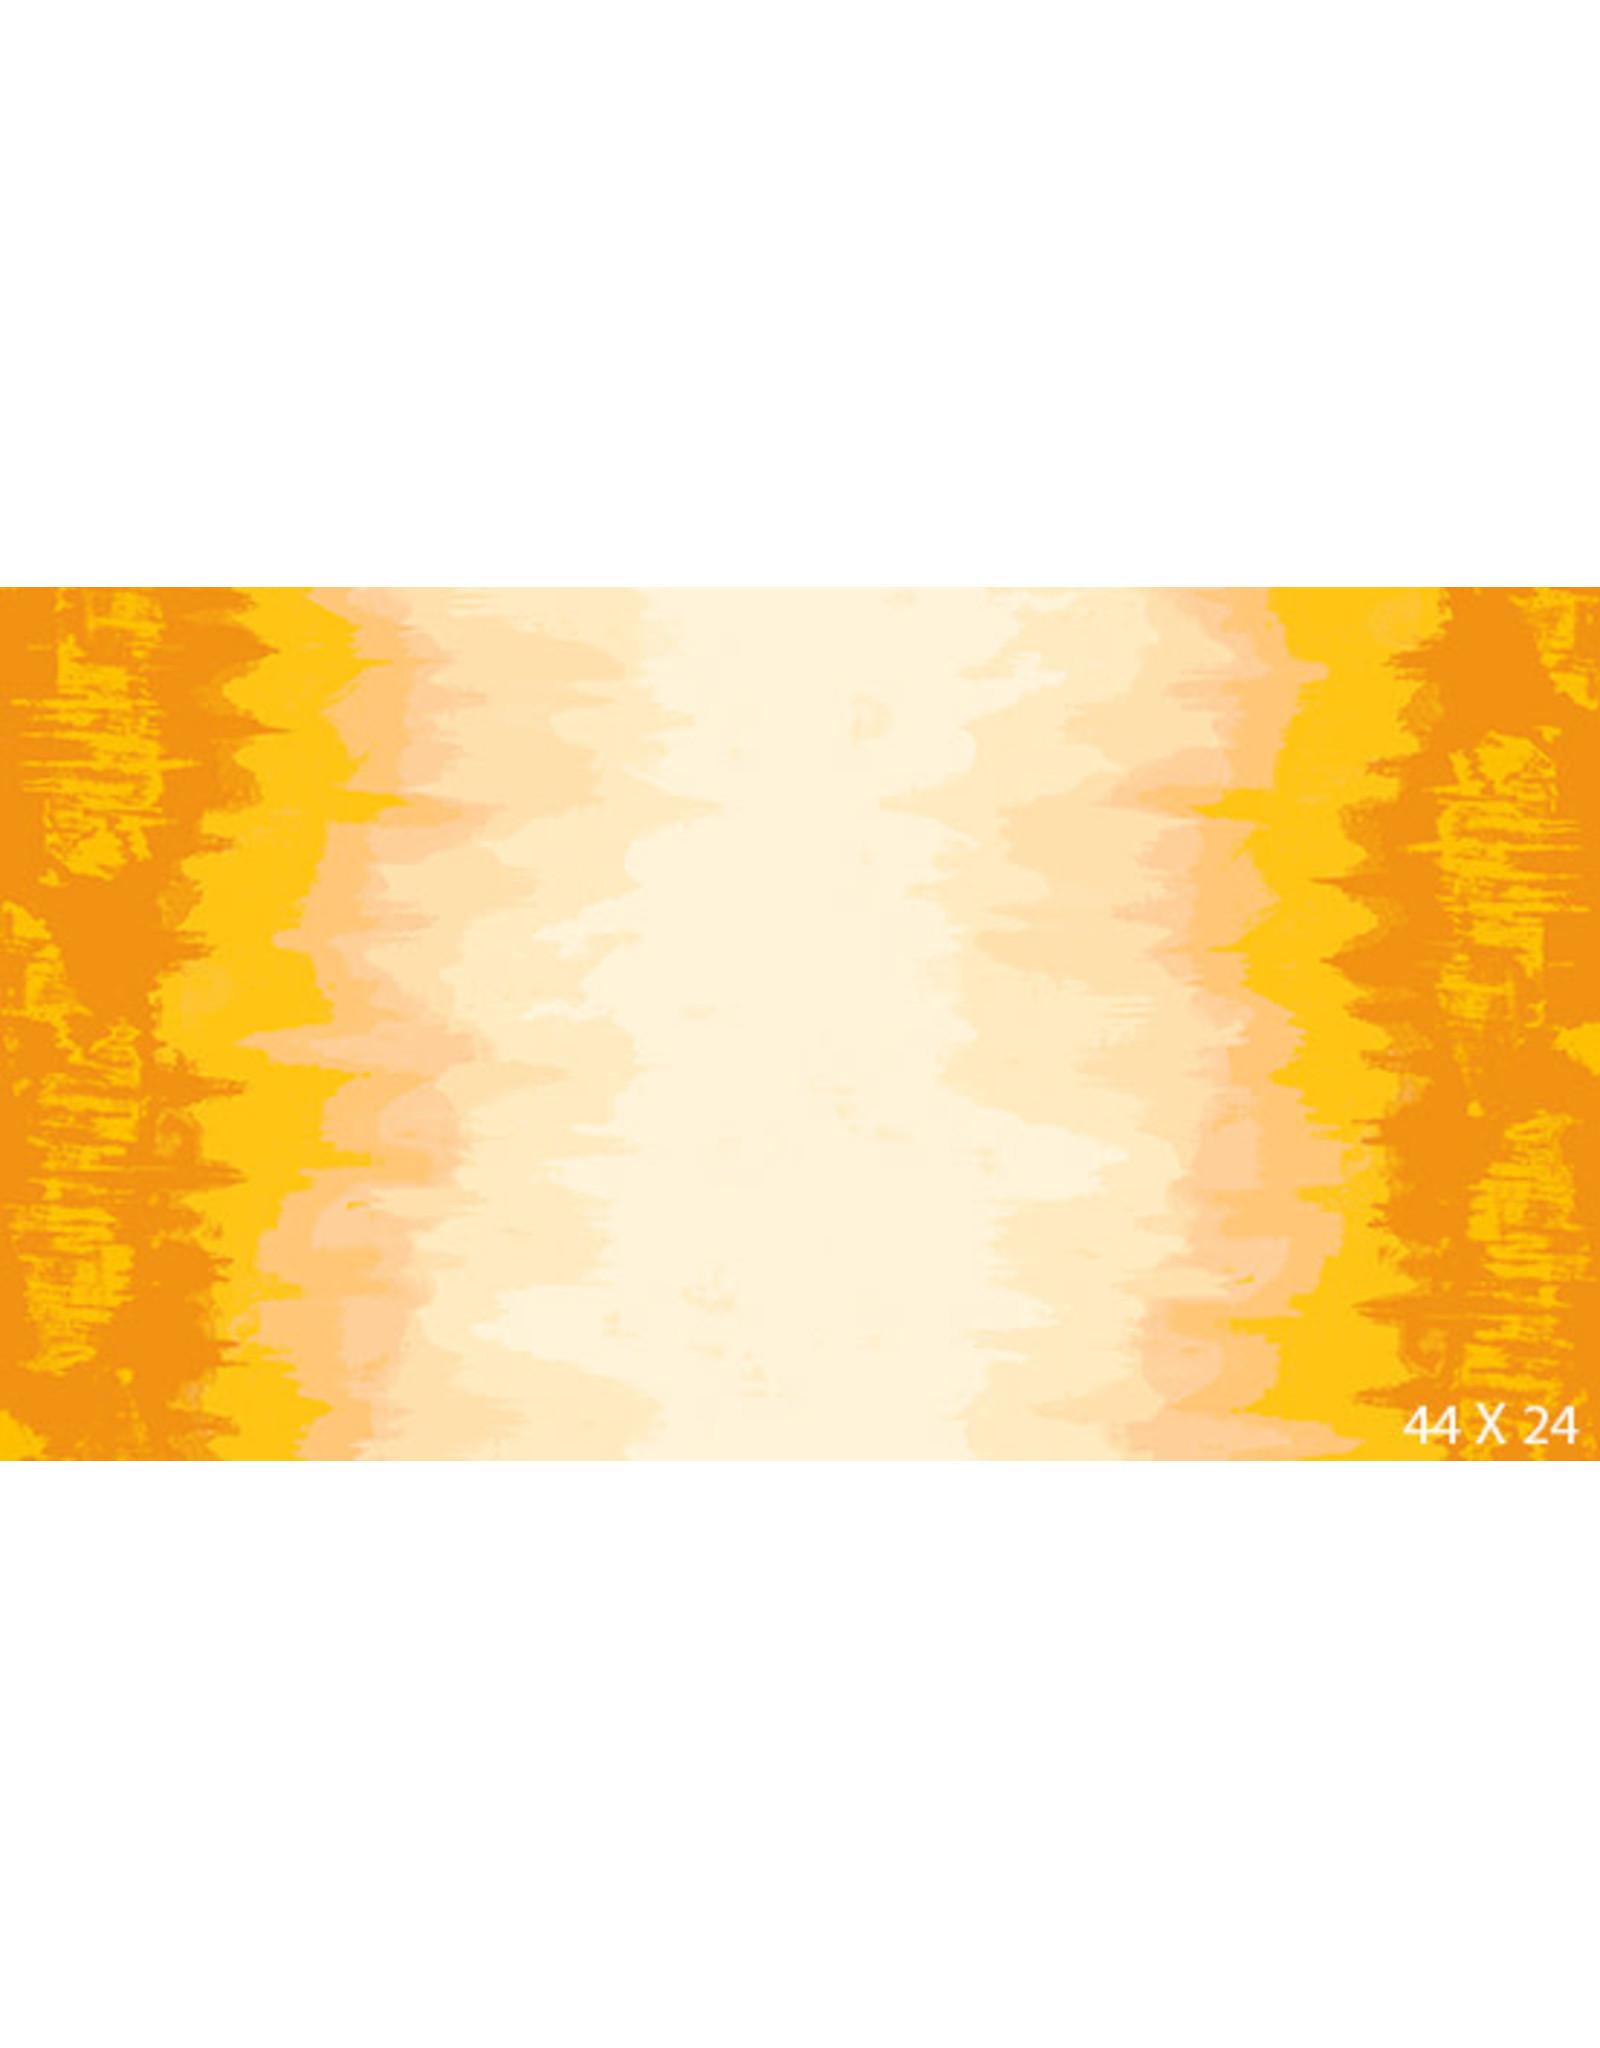 Andover Inferno - Peachy Keen